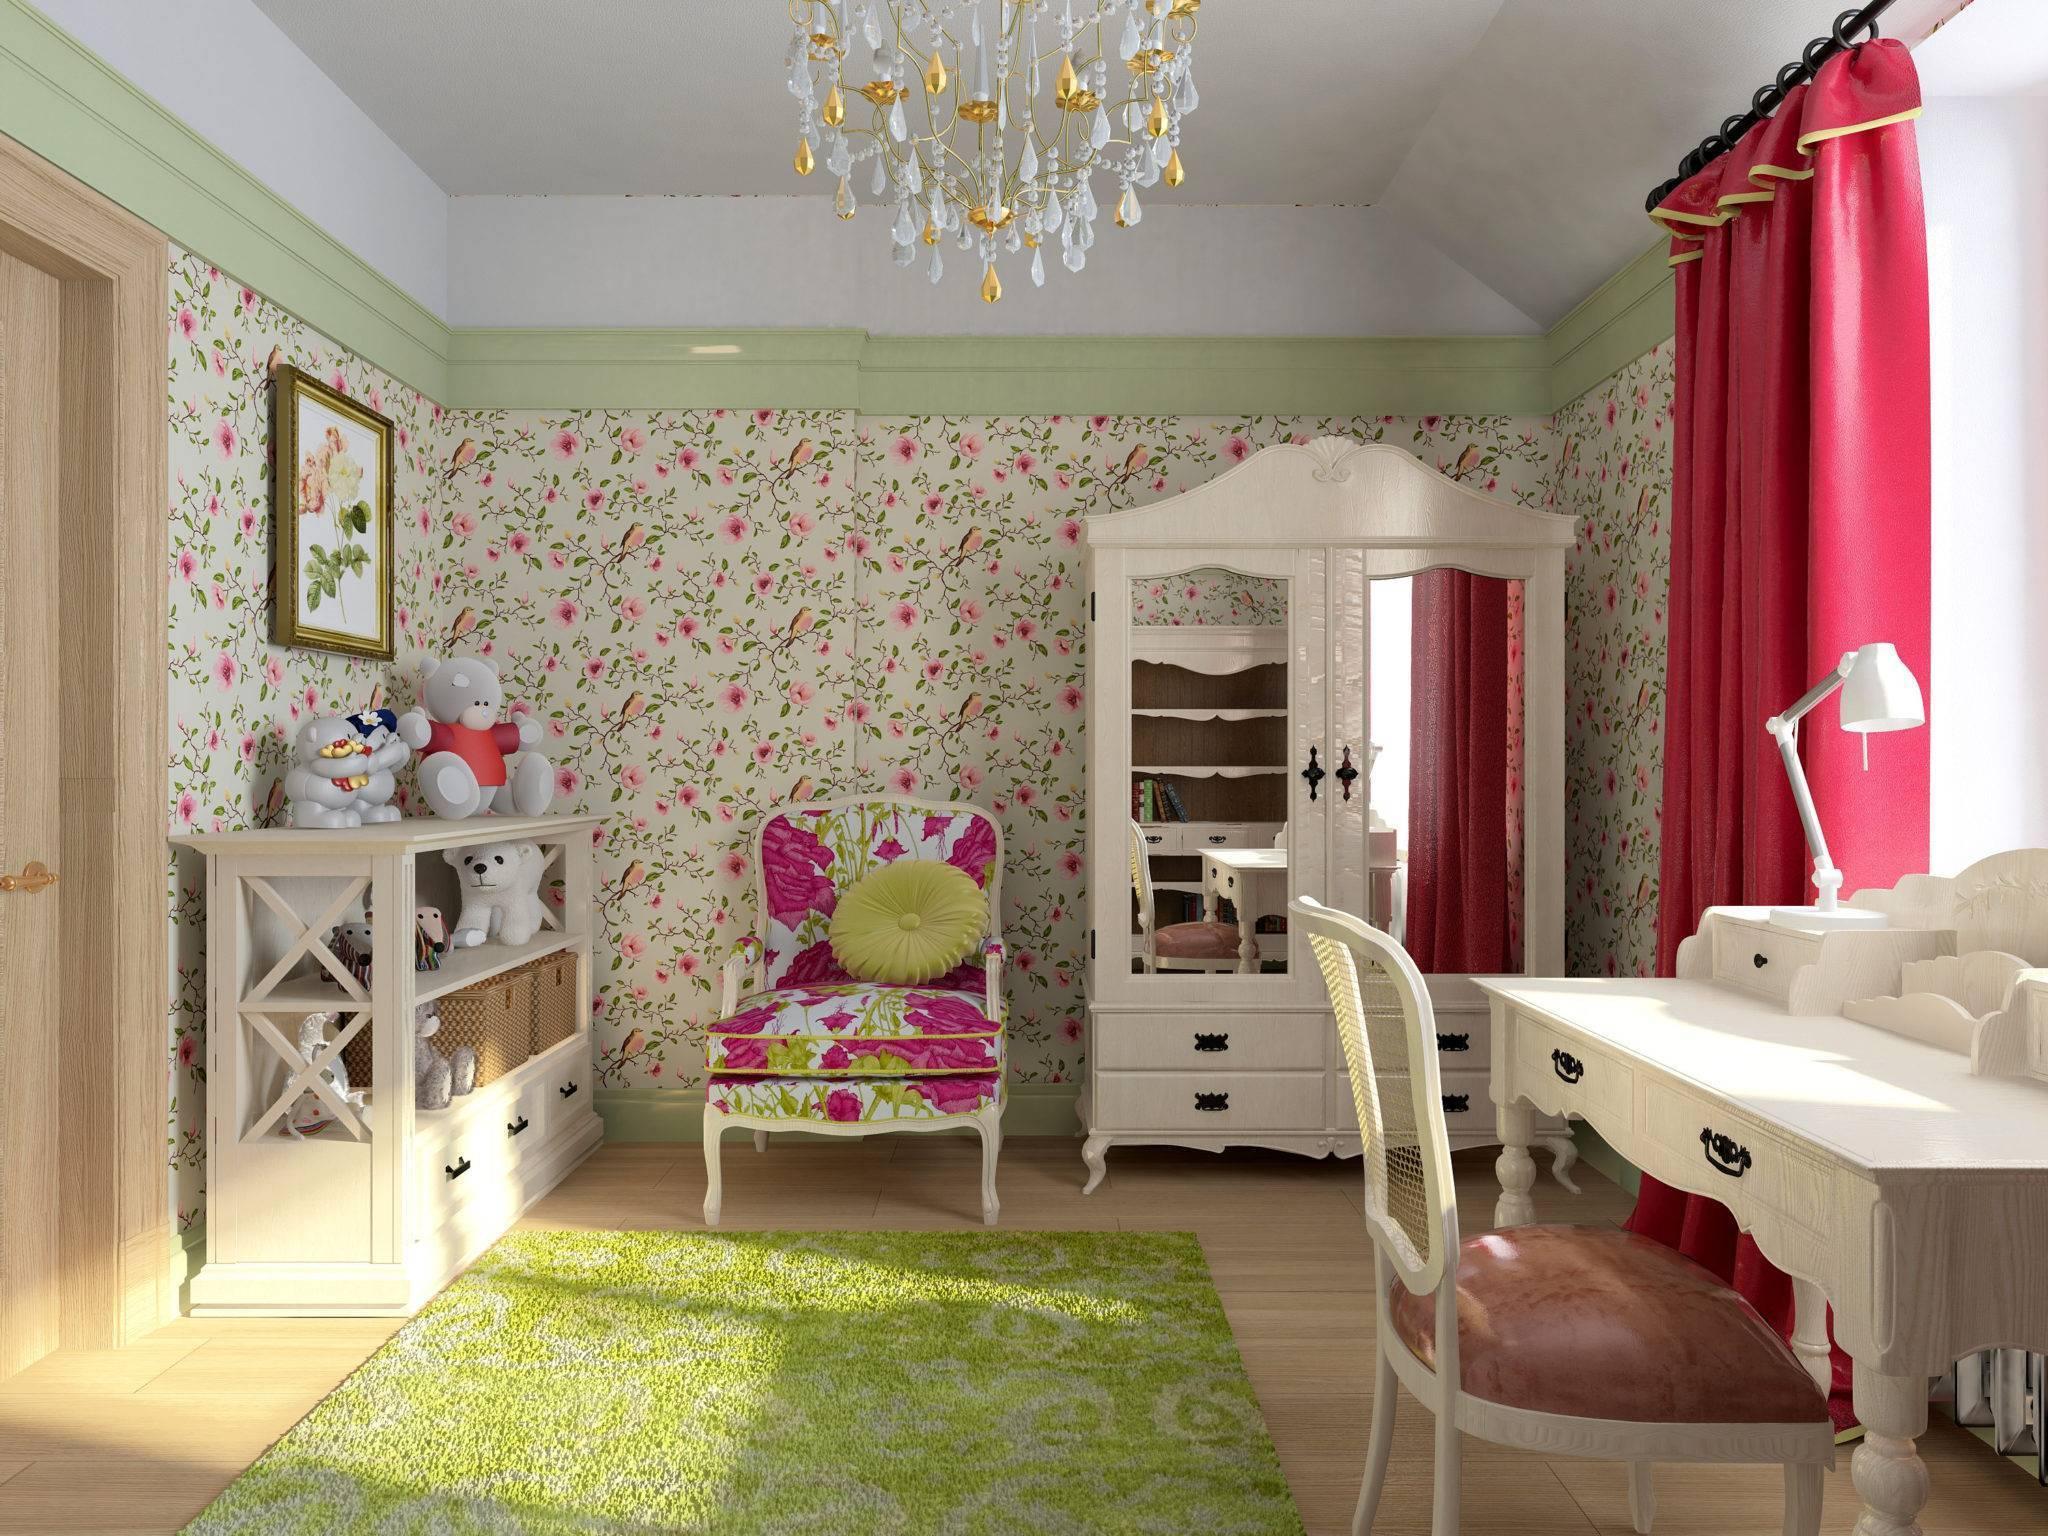 Обои для детской комнаты для девочек: фотообои и комбинирование материалов